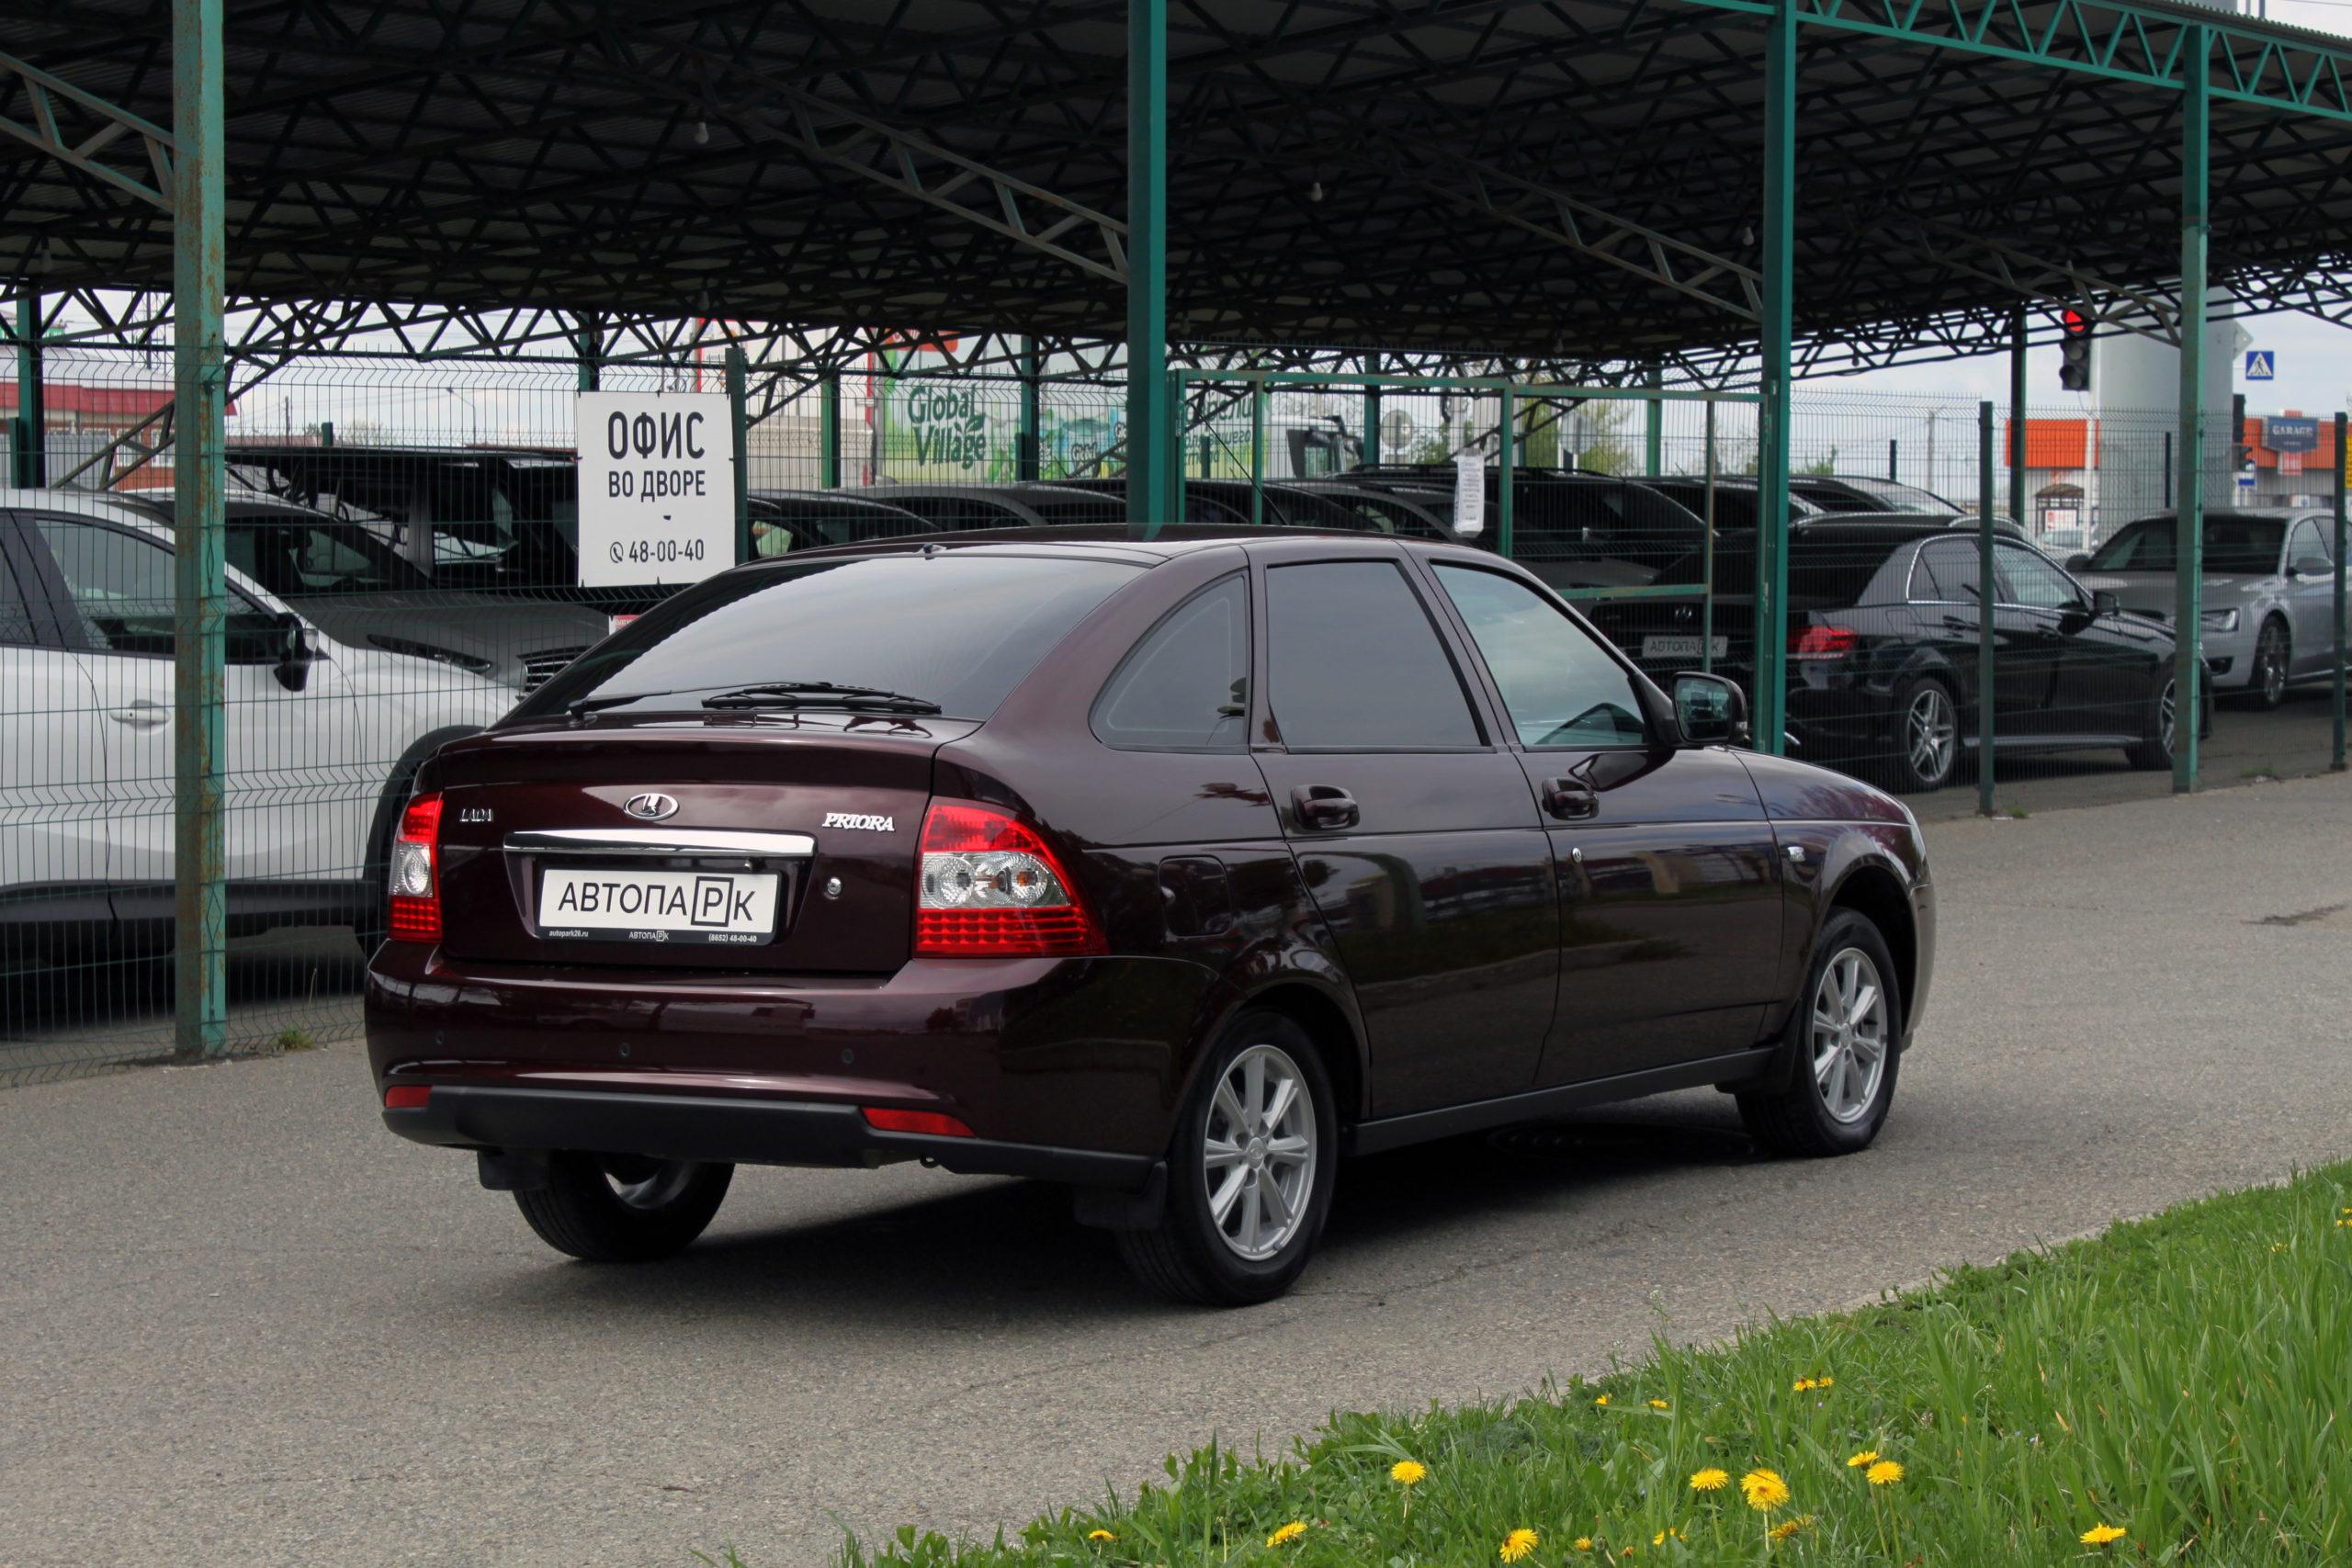 Купить LADA Priora (Темно-вишневый ) - Автопарк Ставрополь